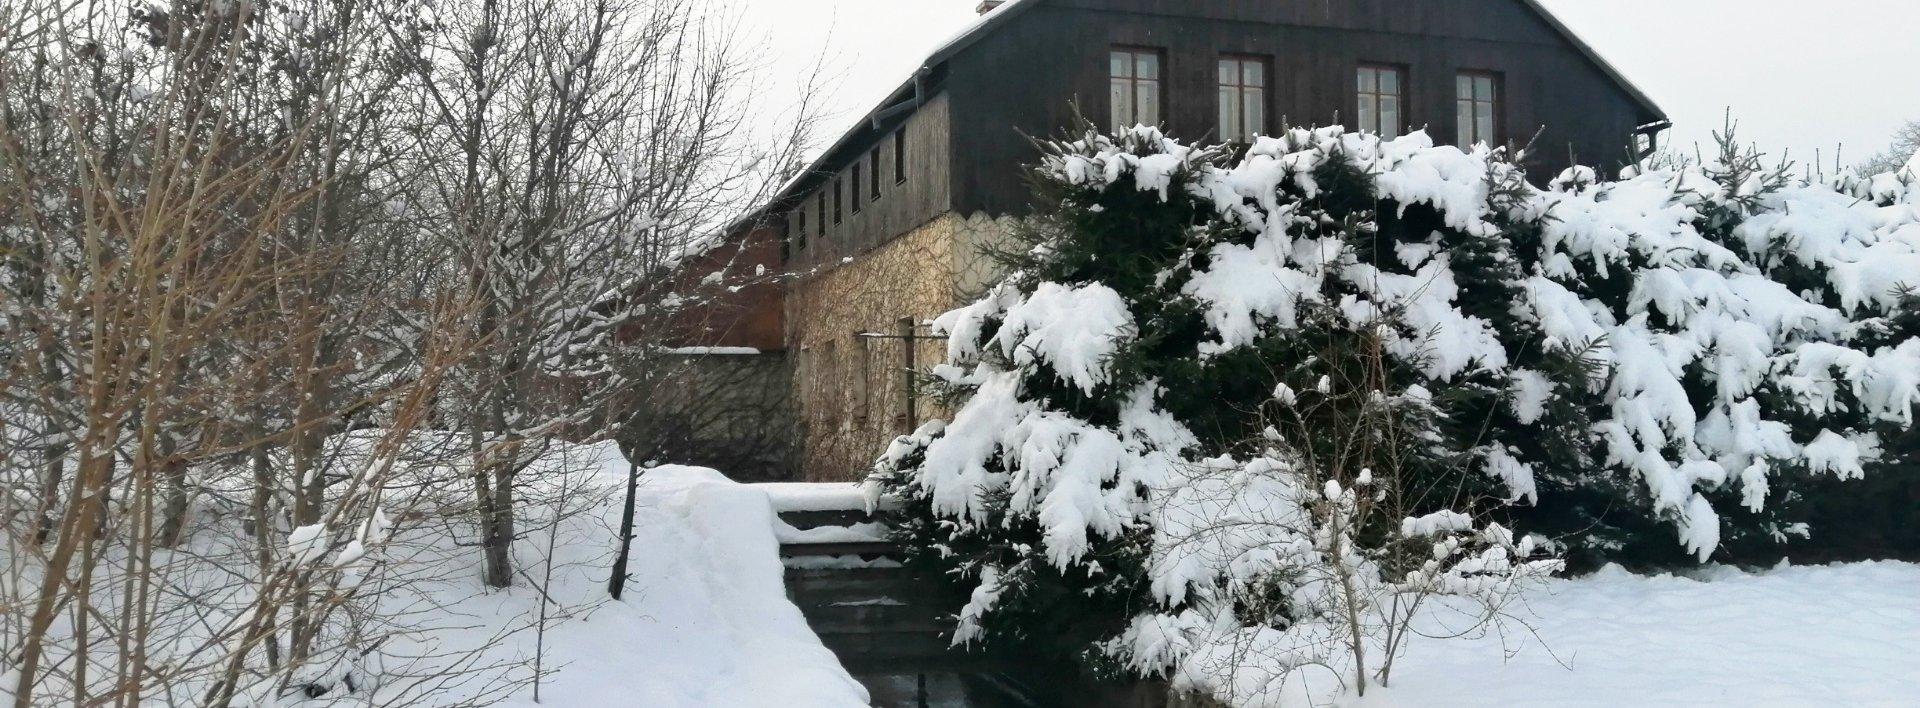 Bývalý mlýn s vodní elektrárnou v obci Hejnice, Ev.č.: N49150